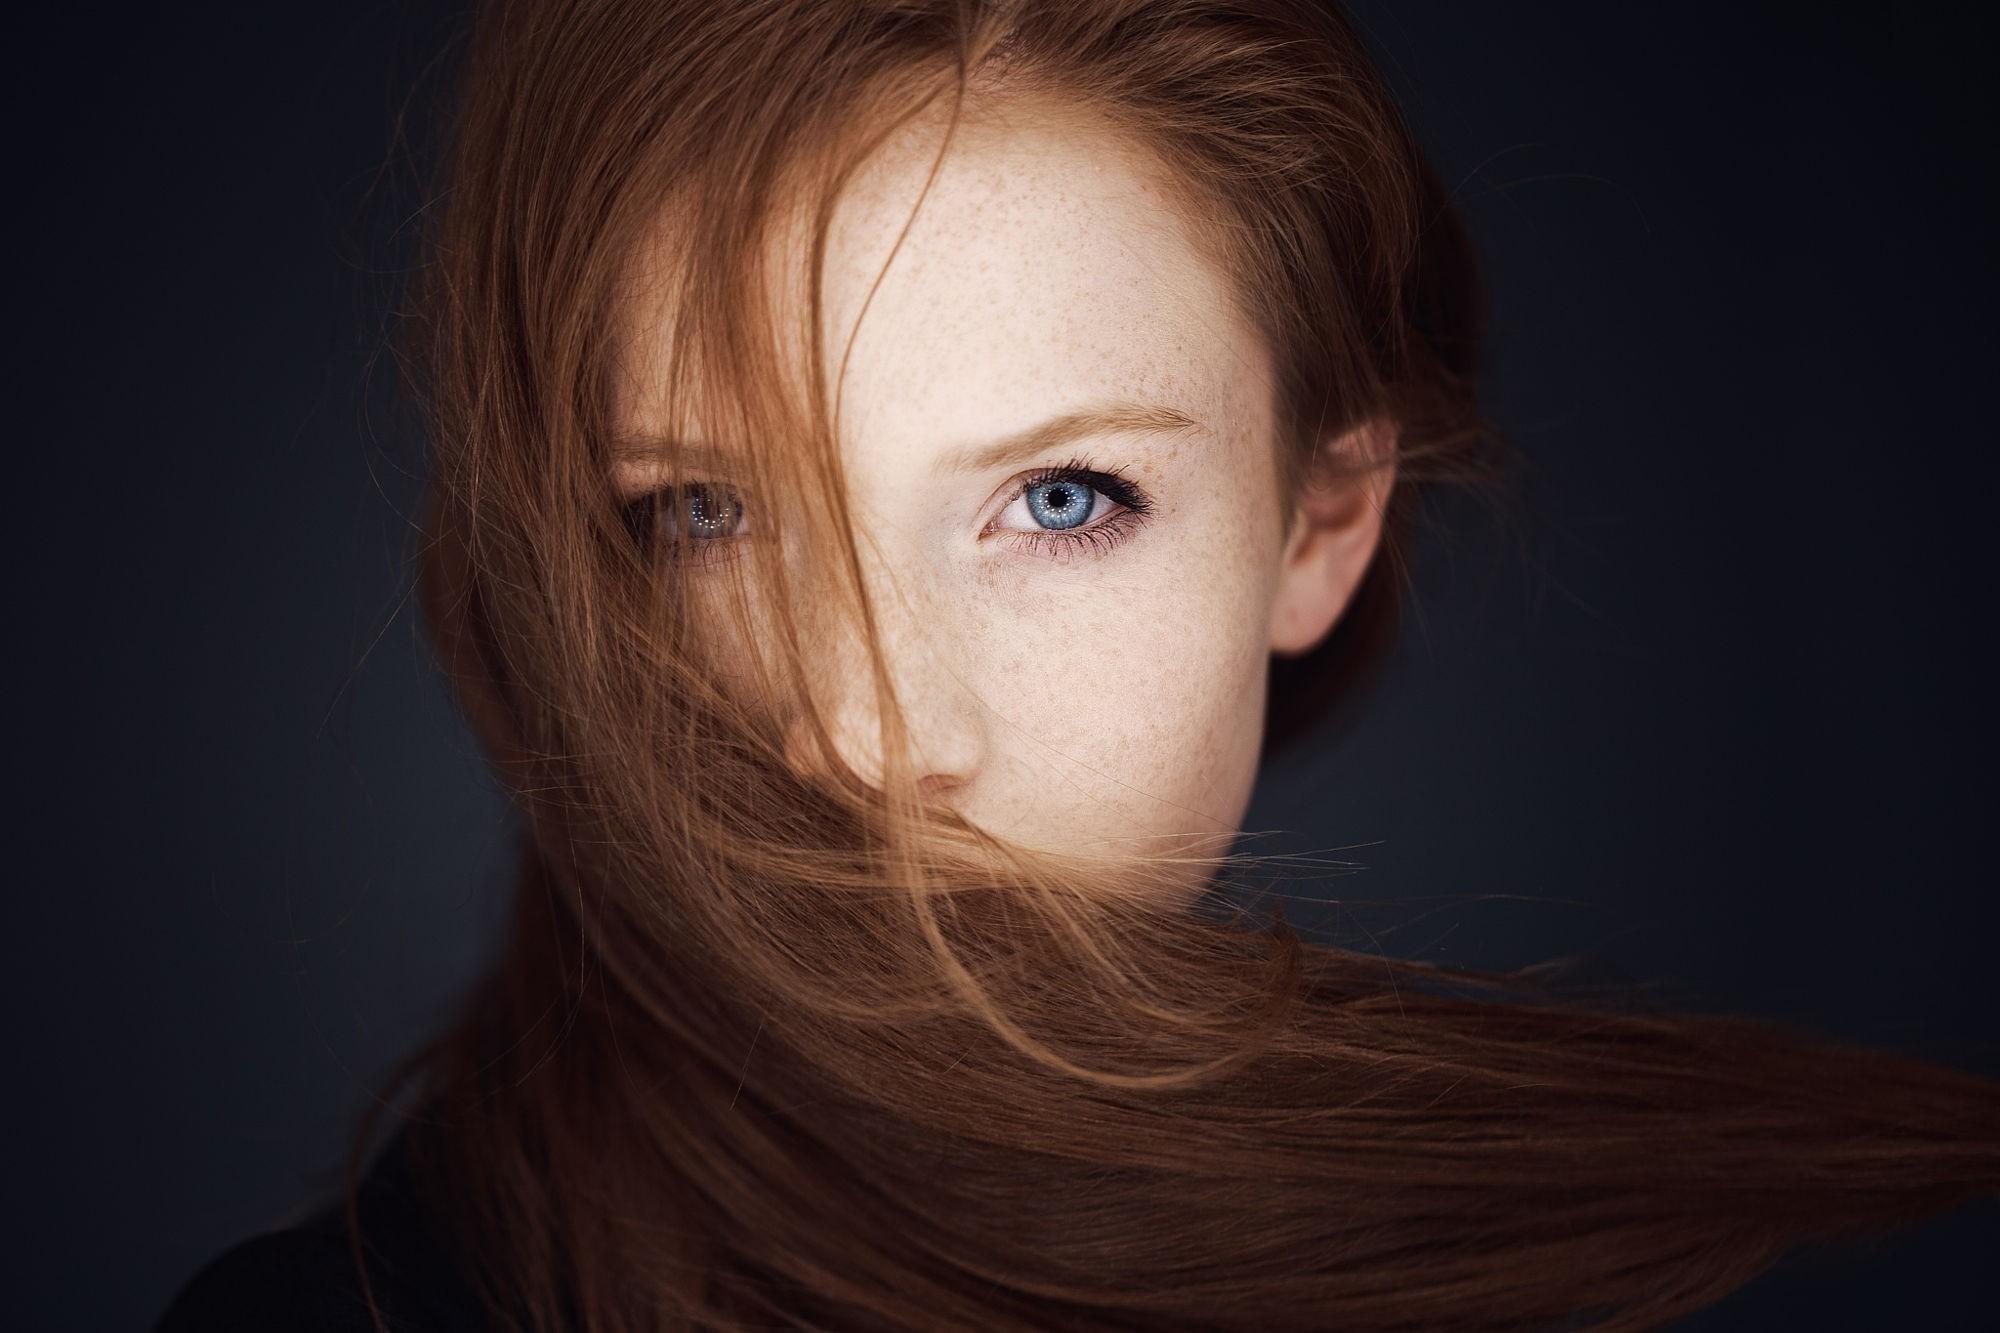 Hintergrundbilder : Gesicht, Frau, Rothaarige, Porträt